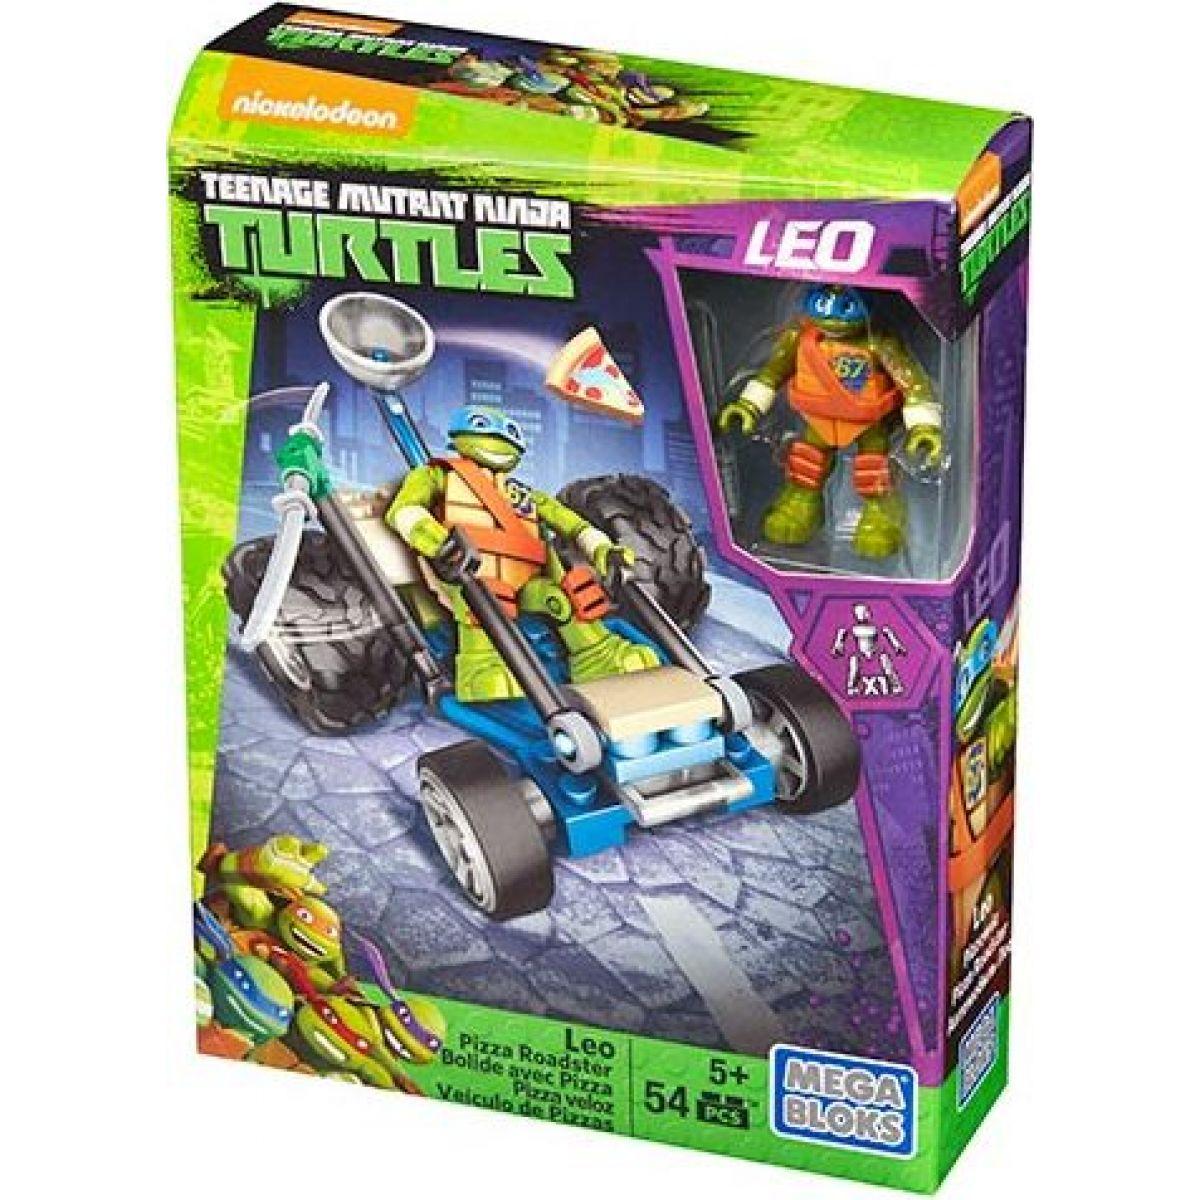 MegaBloks Želvy Ninja Závodníci - Leo Pizza Roadster